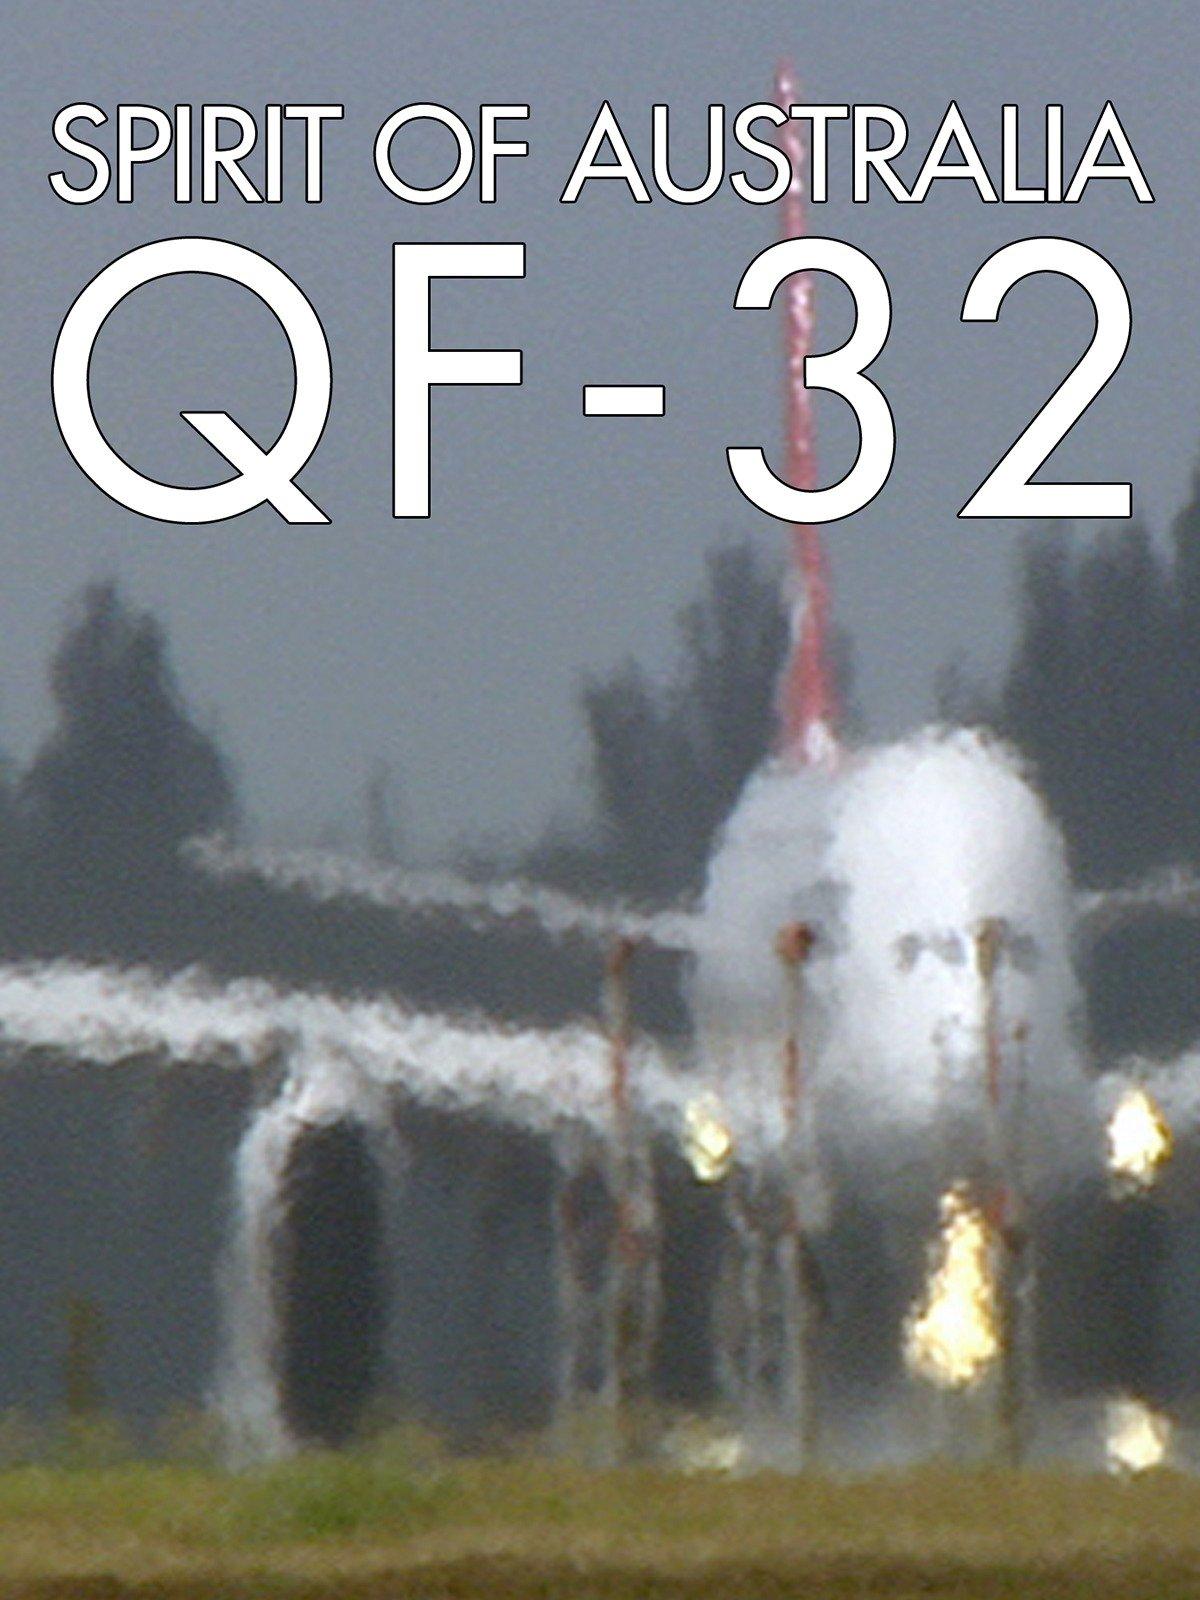 Qf 32 on Amazon Prime Video UK